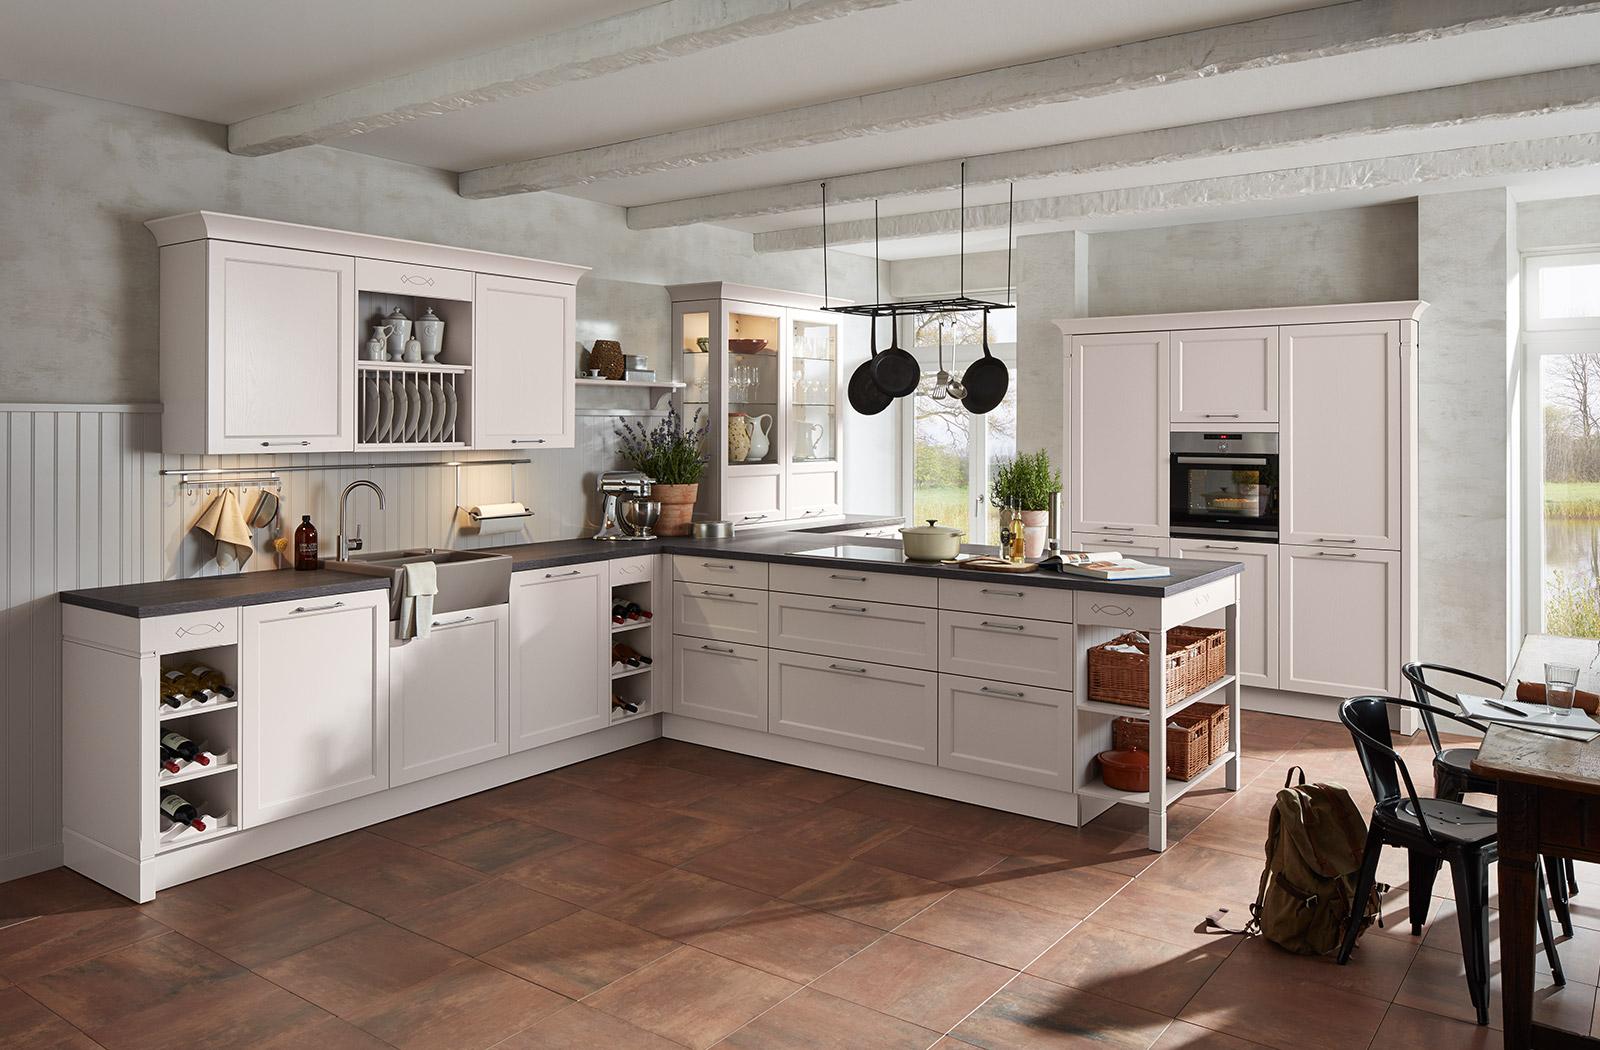 Meble kuchenne Satin - oferta SAS Wnętrza i Kuchnie - Meble Kuchenne i Projektowanie wnętrz.